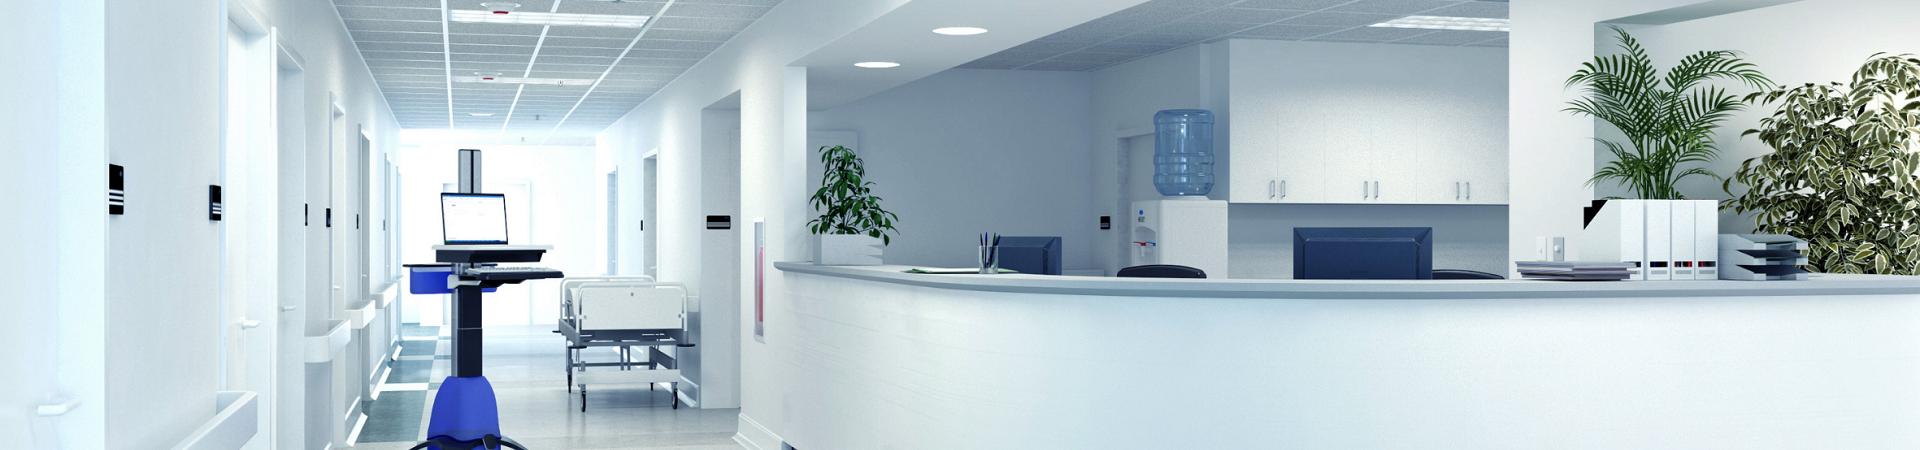 Webinarium: Aktualne informacje dotyczące rozwiązań wentylacji w obiektach służby zdrowia, 24.09.2021 r.